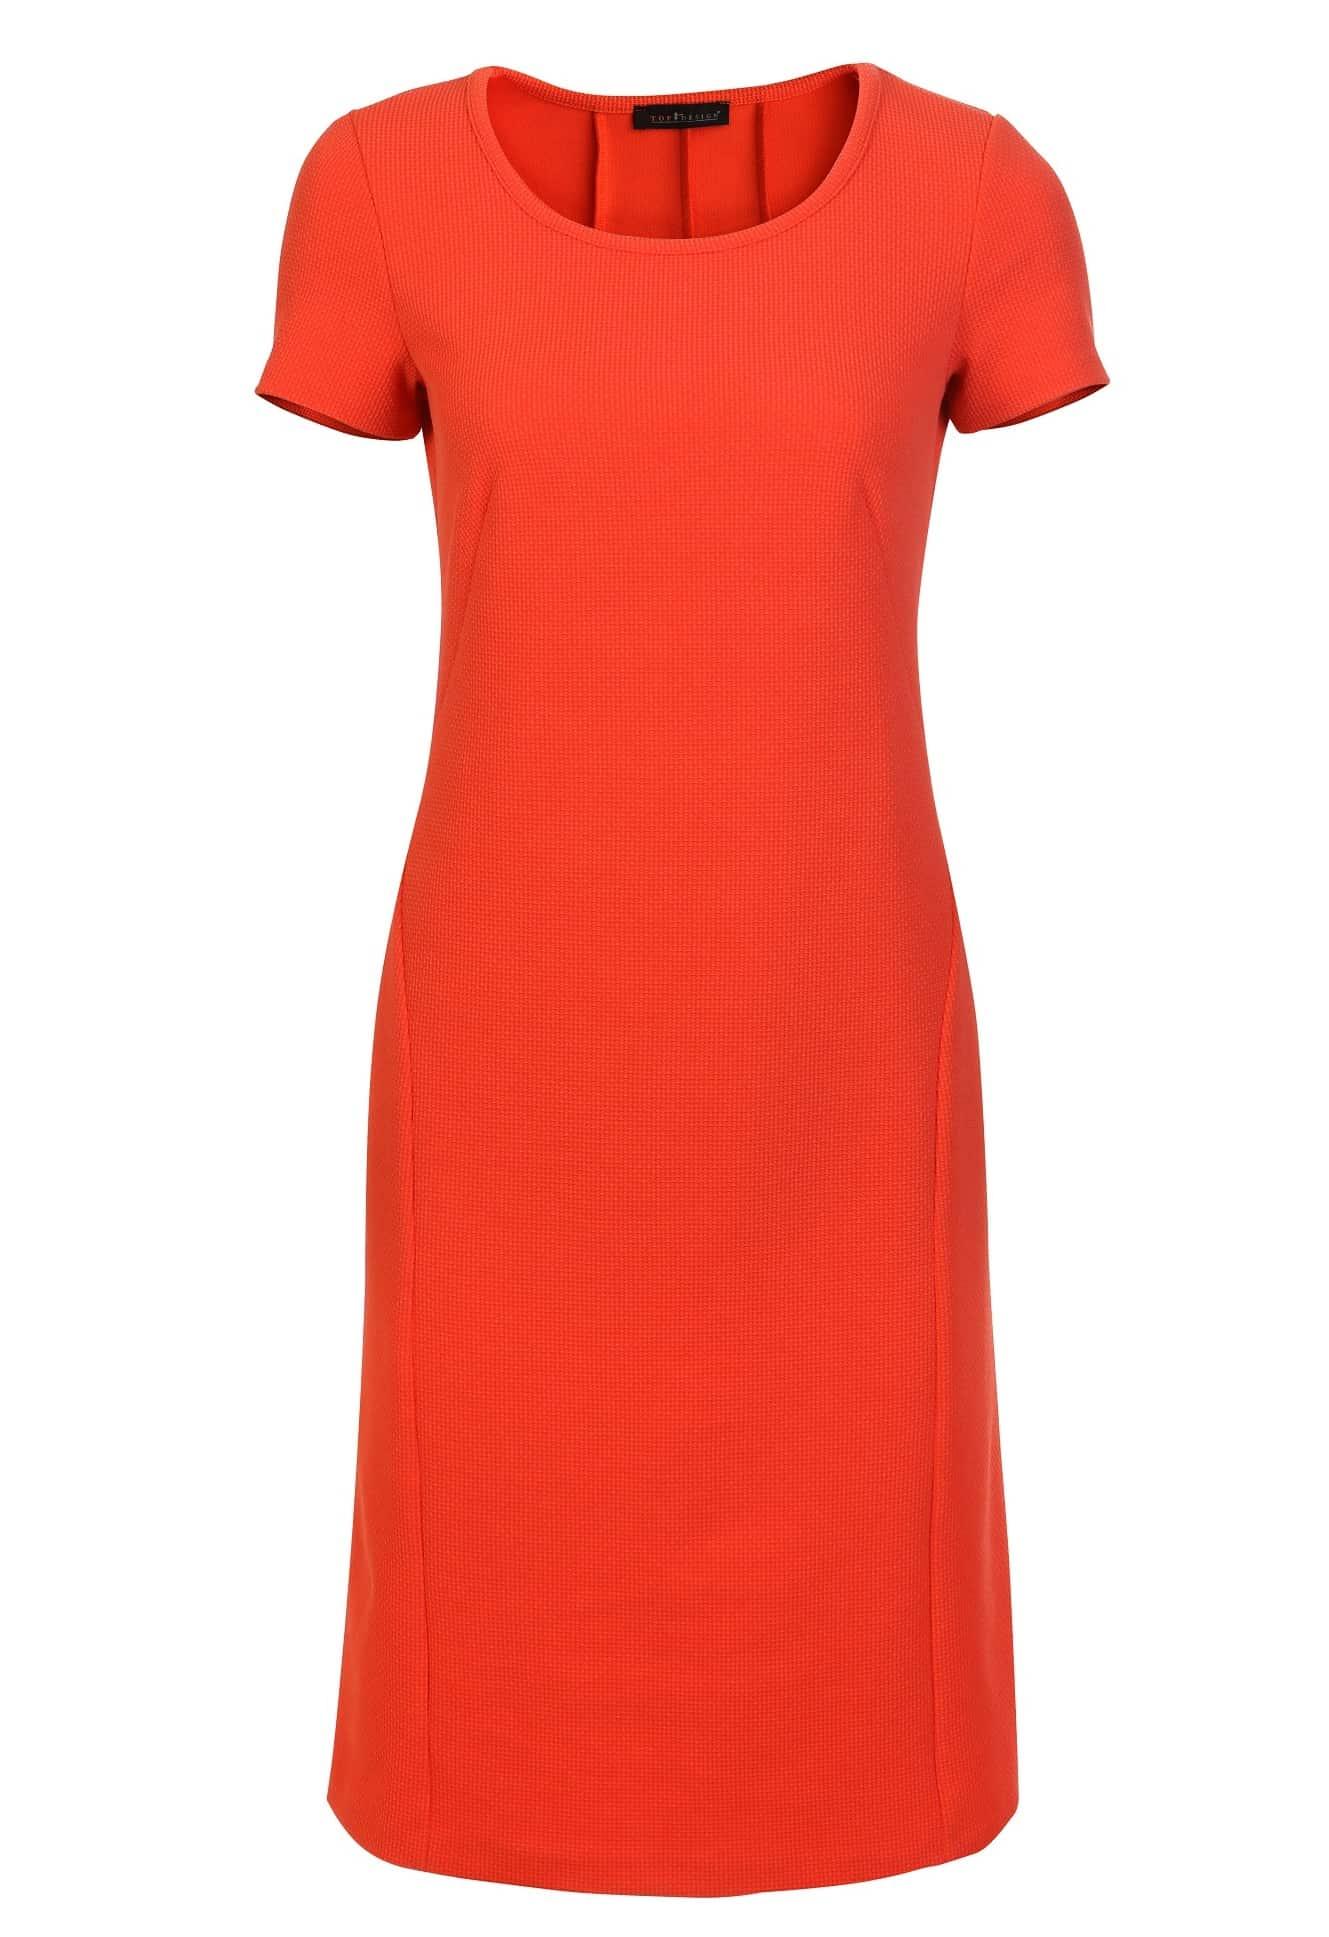 Модное летнее платье TopDesign РА7 43